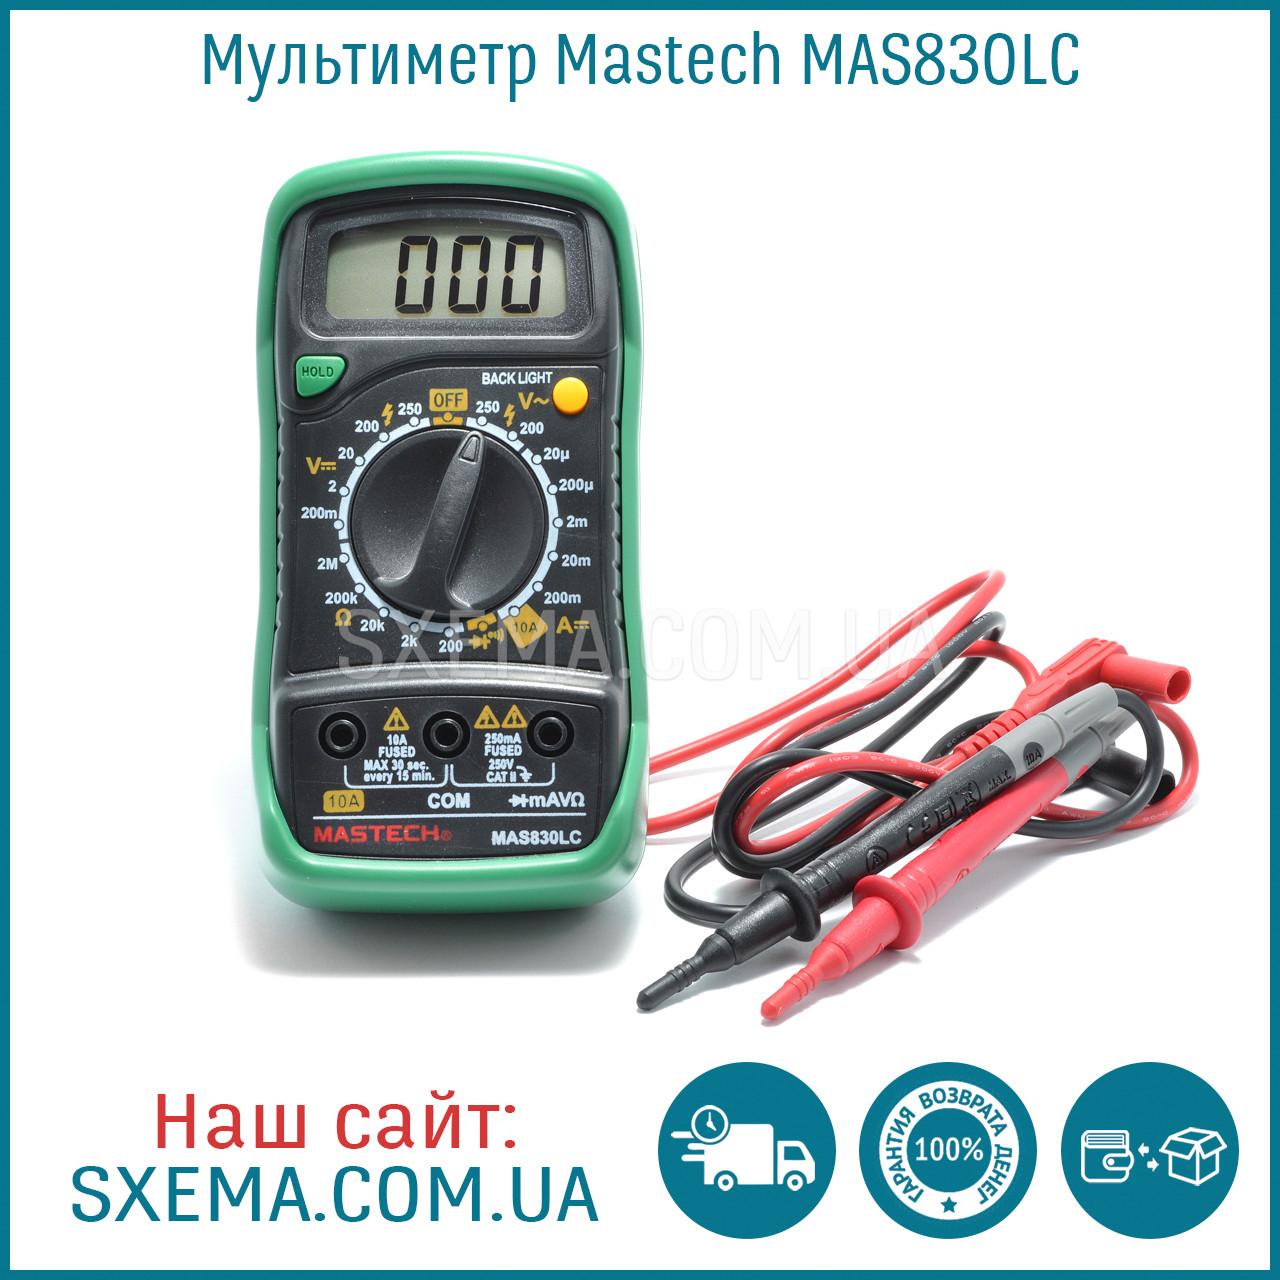 Мультиметр MASTECH  MAS830LC с подсветкой экрана, амперметр, вольтметр, прозвонка, фото 1